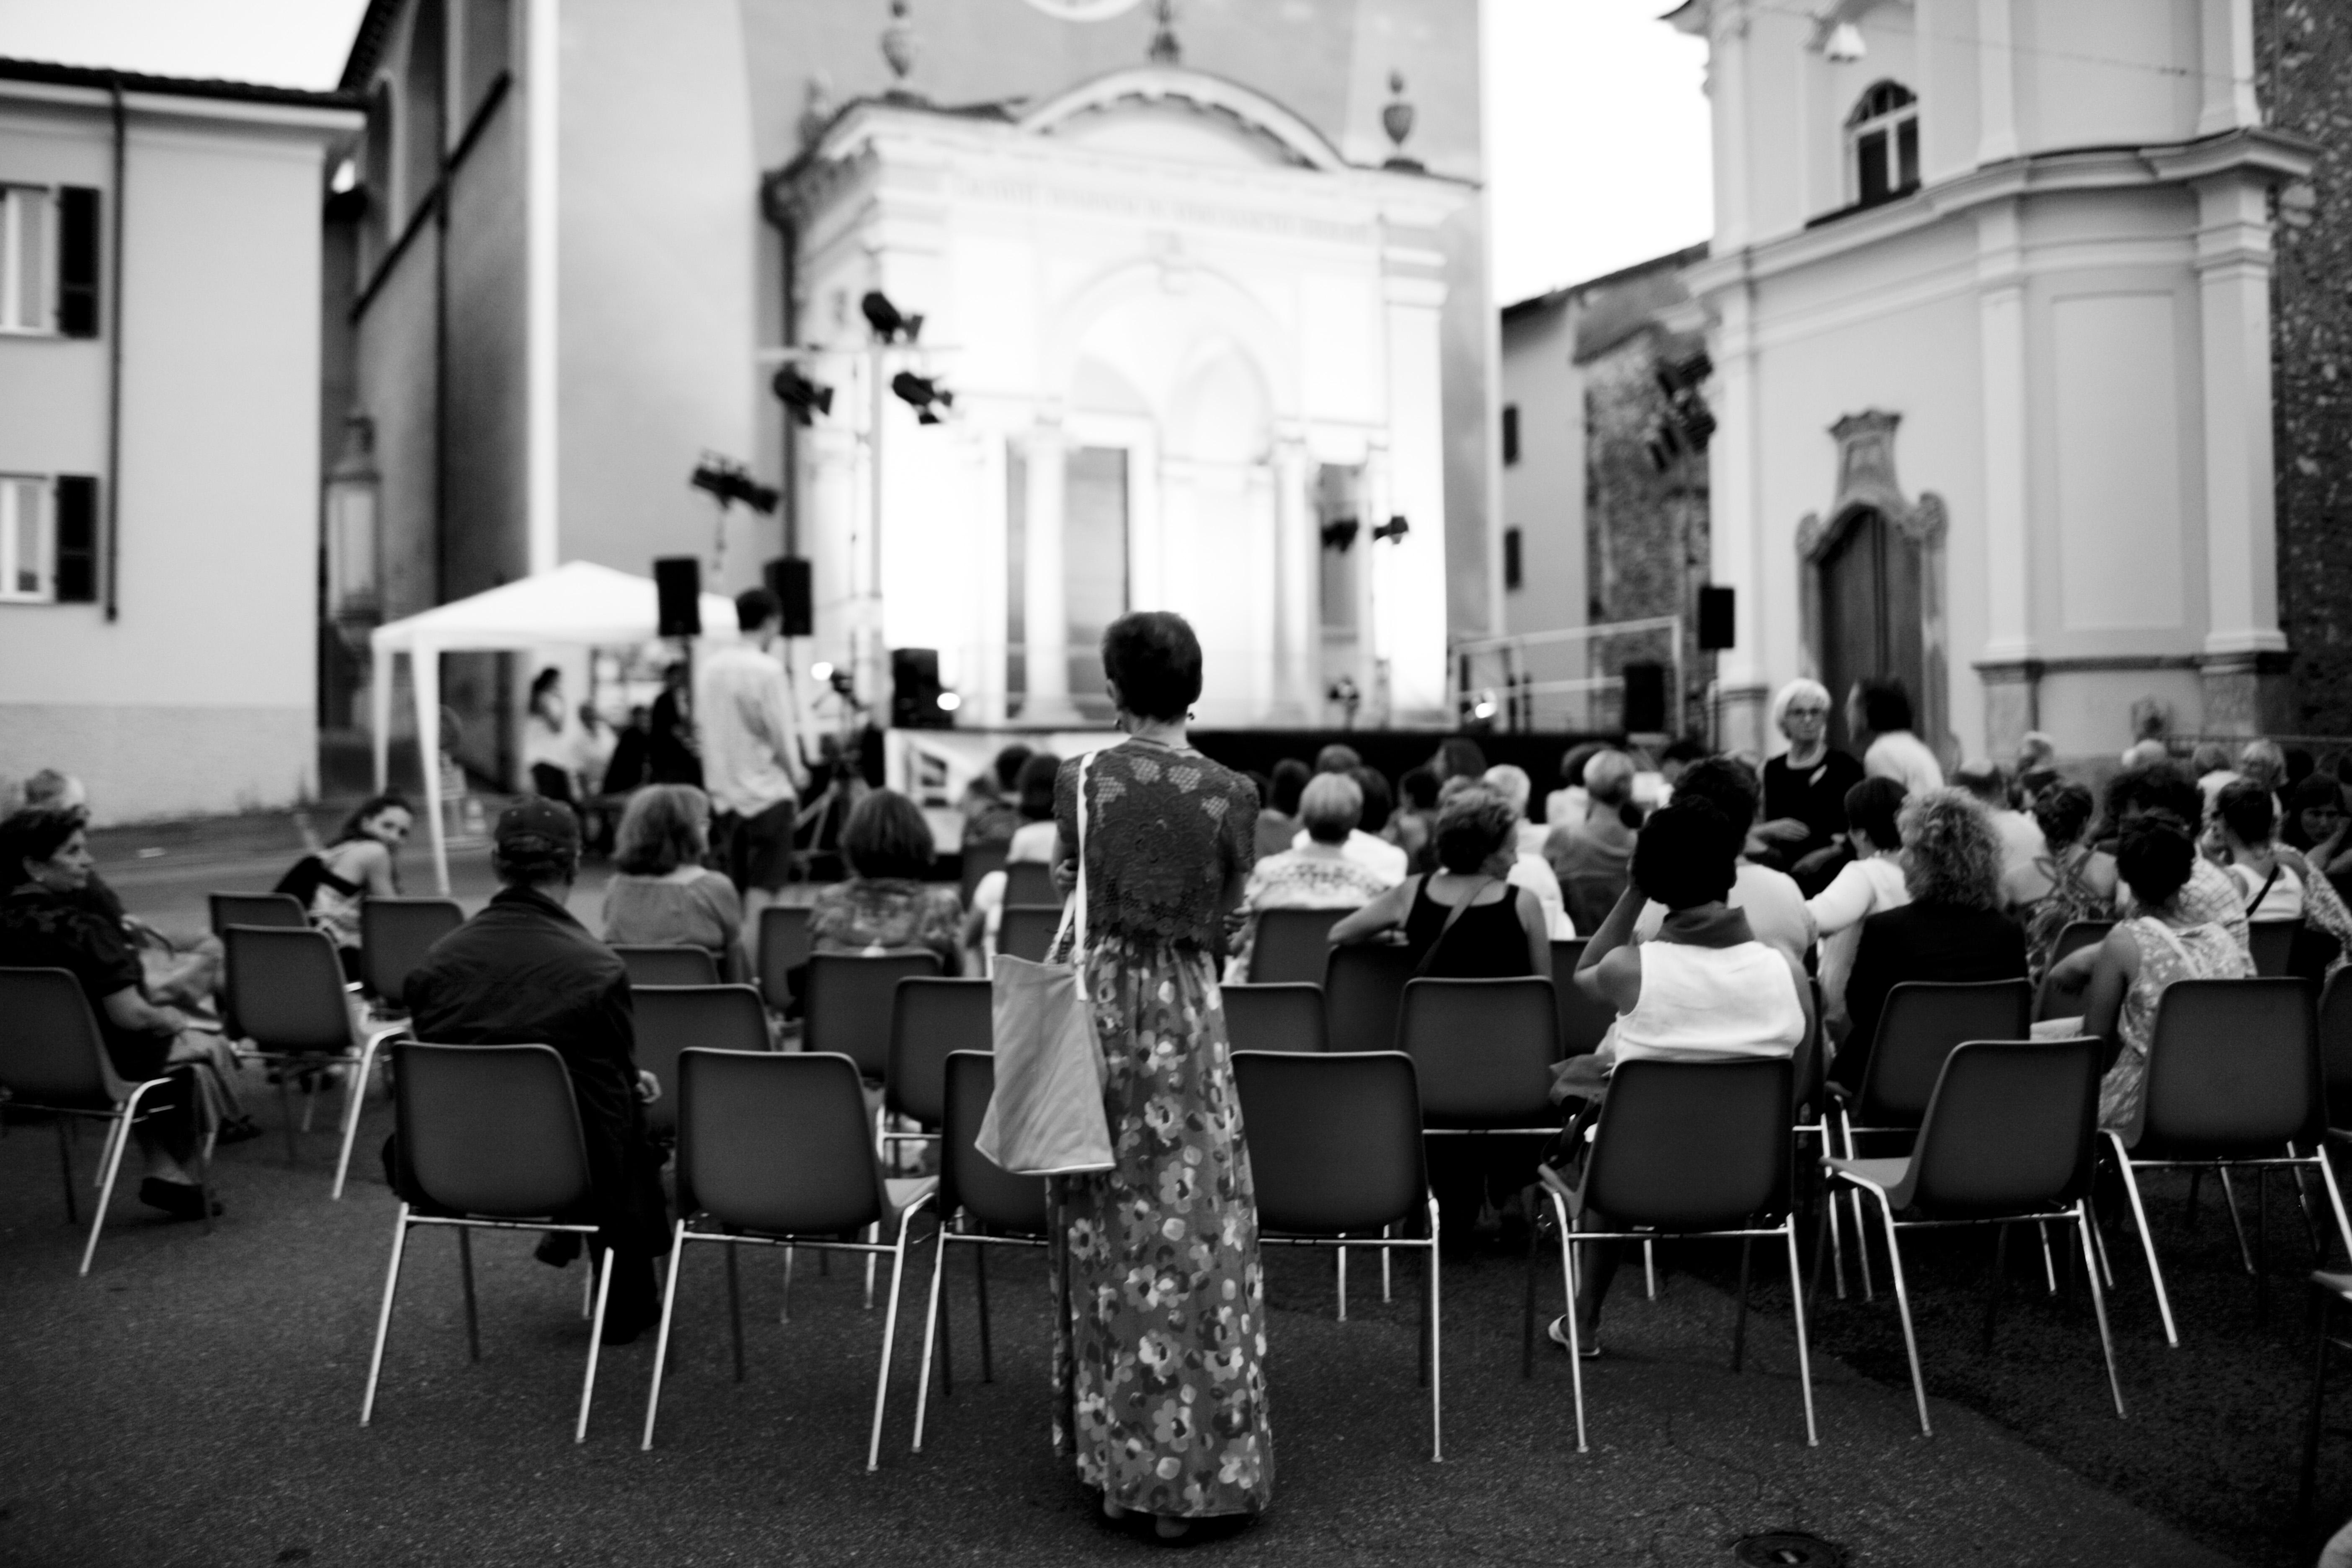 TICINOINDANZA_massimiliano_rossetto_2016_016